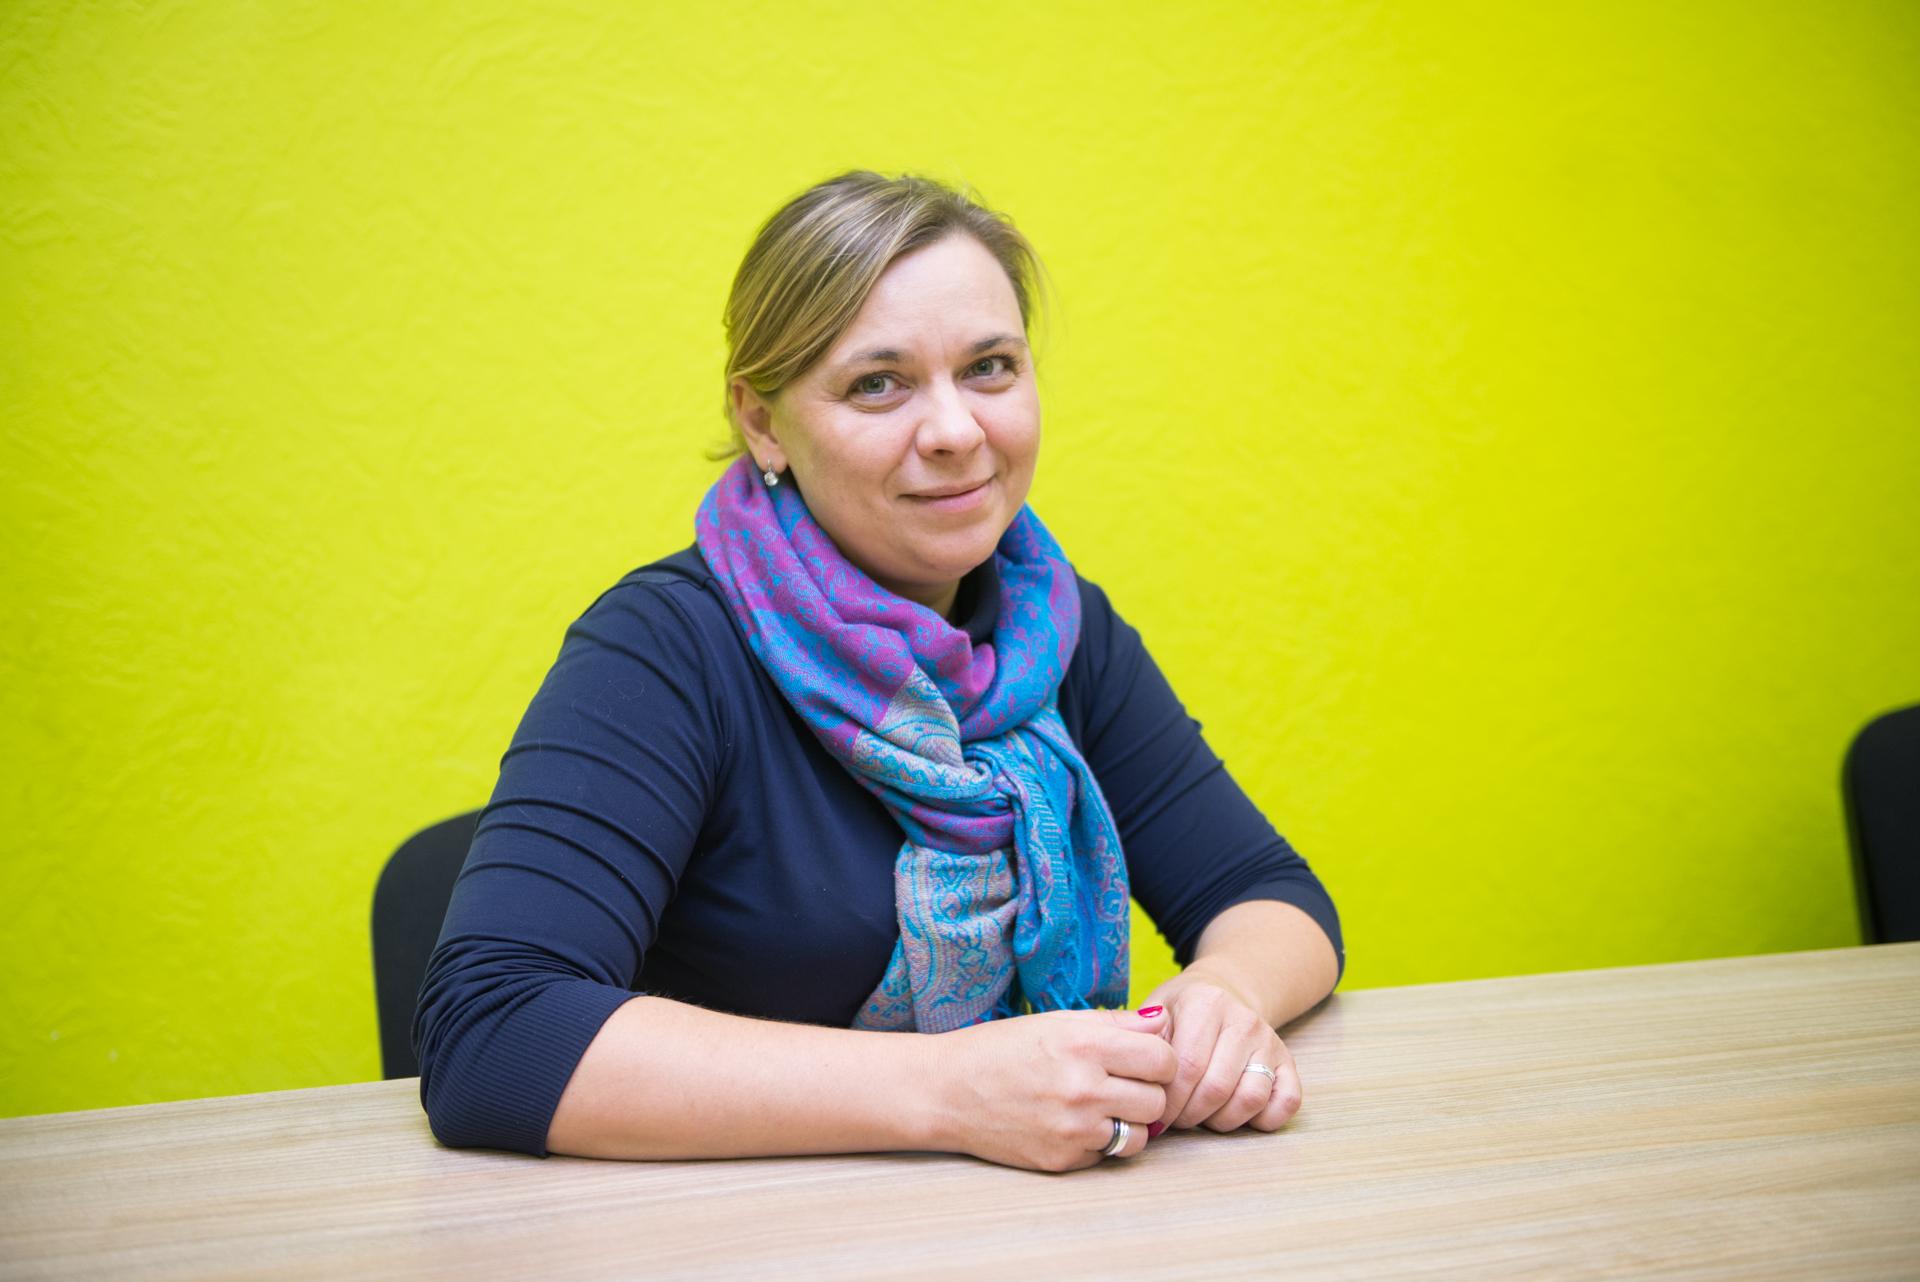 Врач-диетолог Ольга Анохина не против вегетарианства, но за сбалансированный рацион